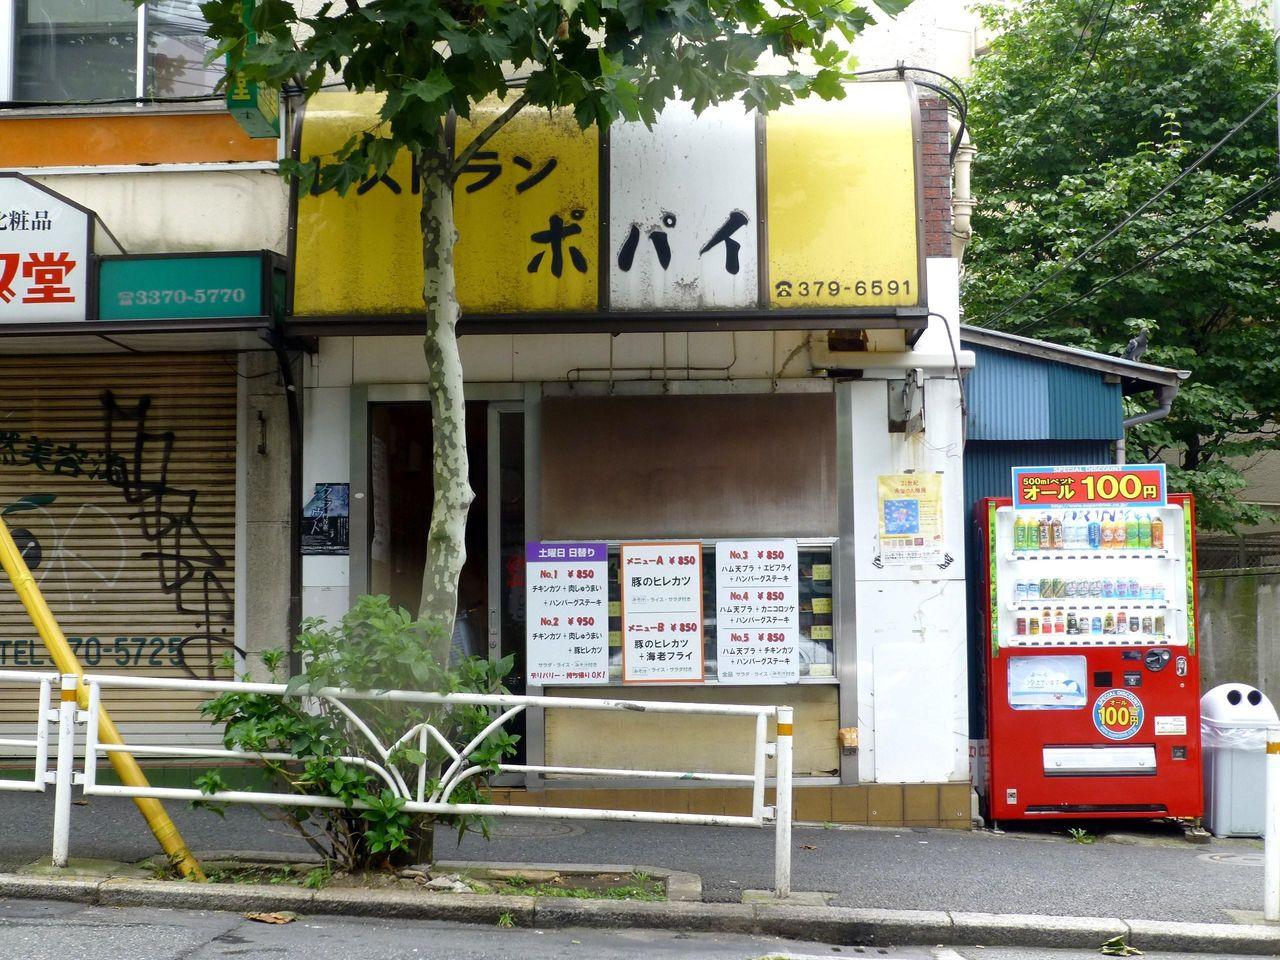 代々木の学生街にある、昔ながらの洋食レストラン「ポパイ」!